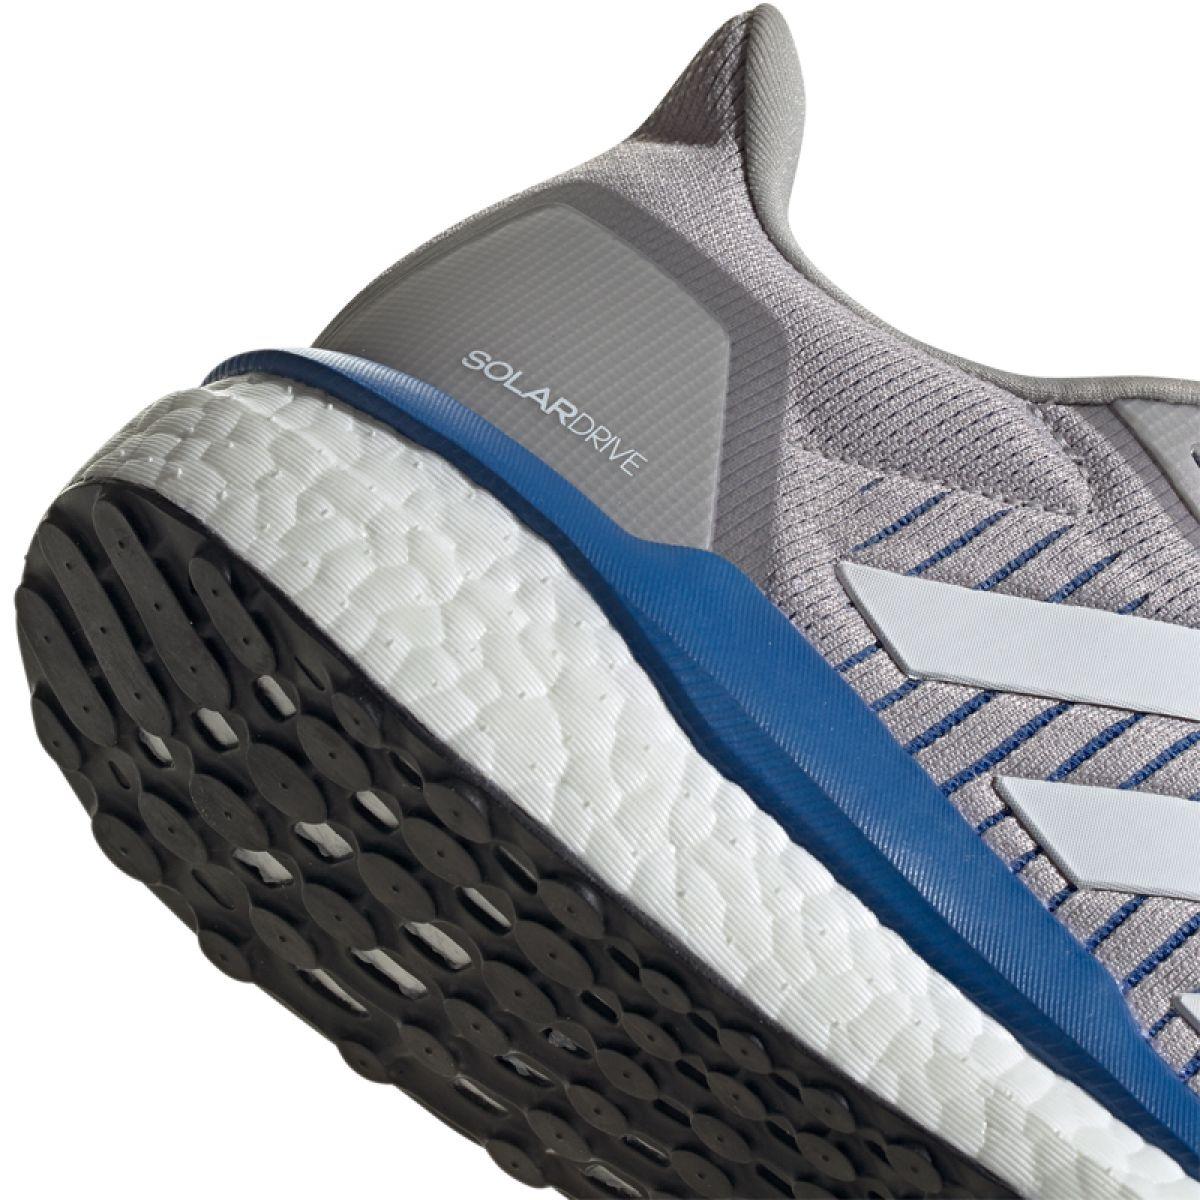 Adidas sapatos Solar Drive 19 M EF1417 cinza